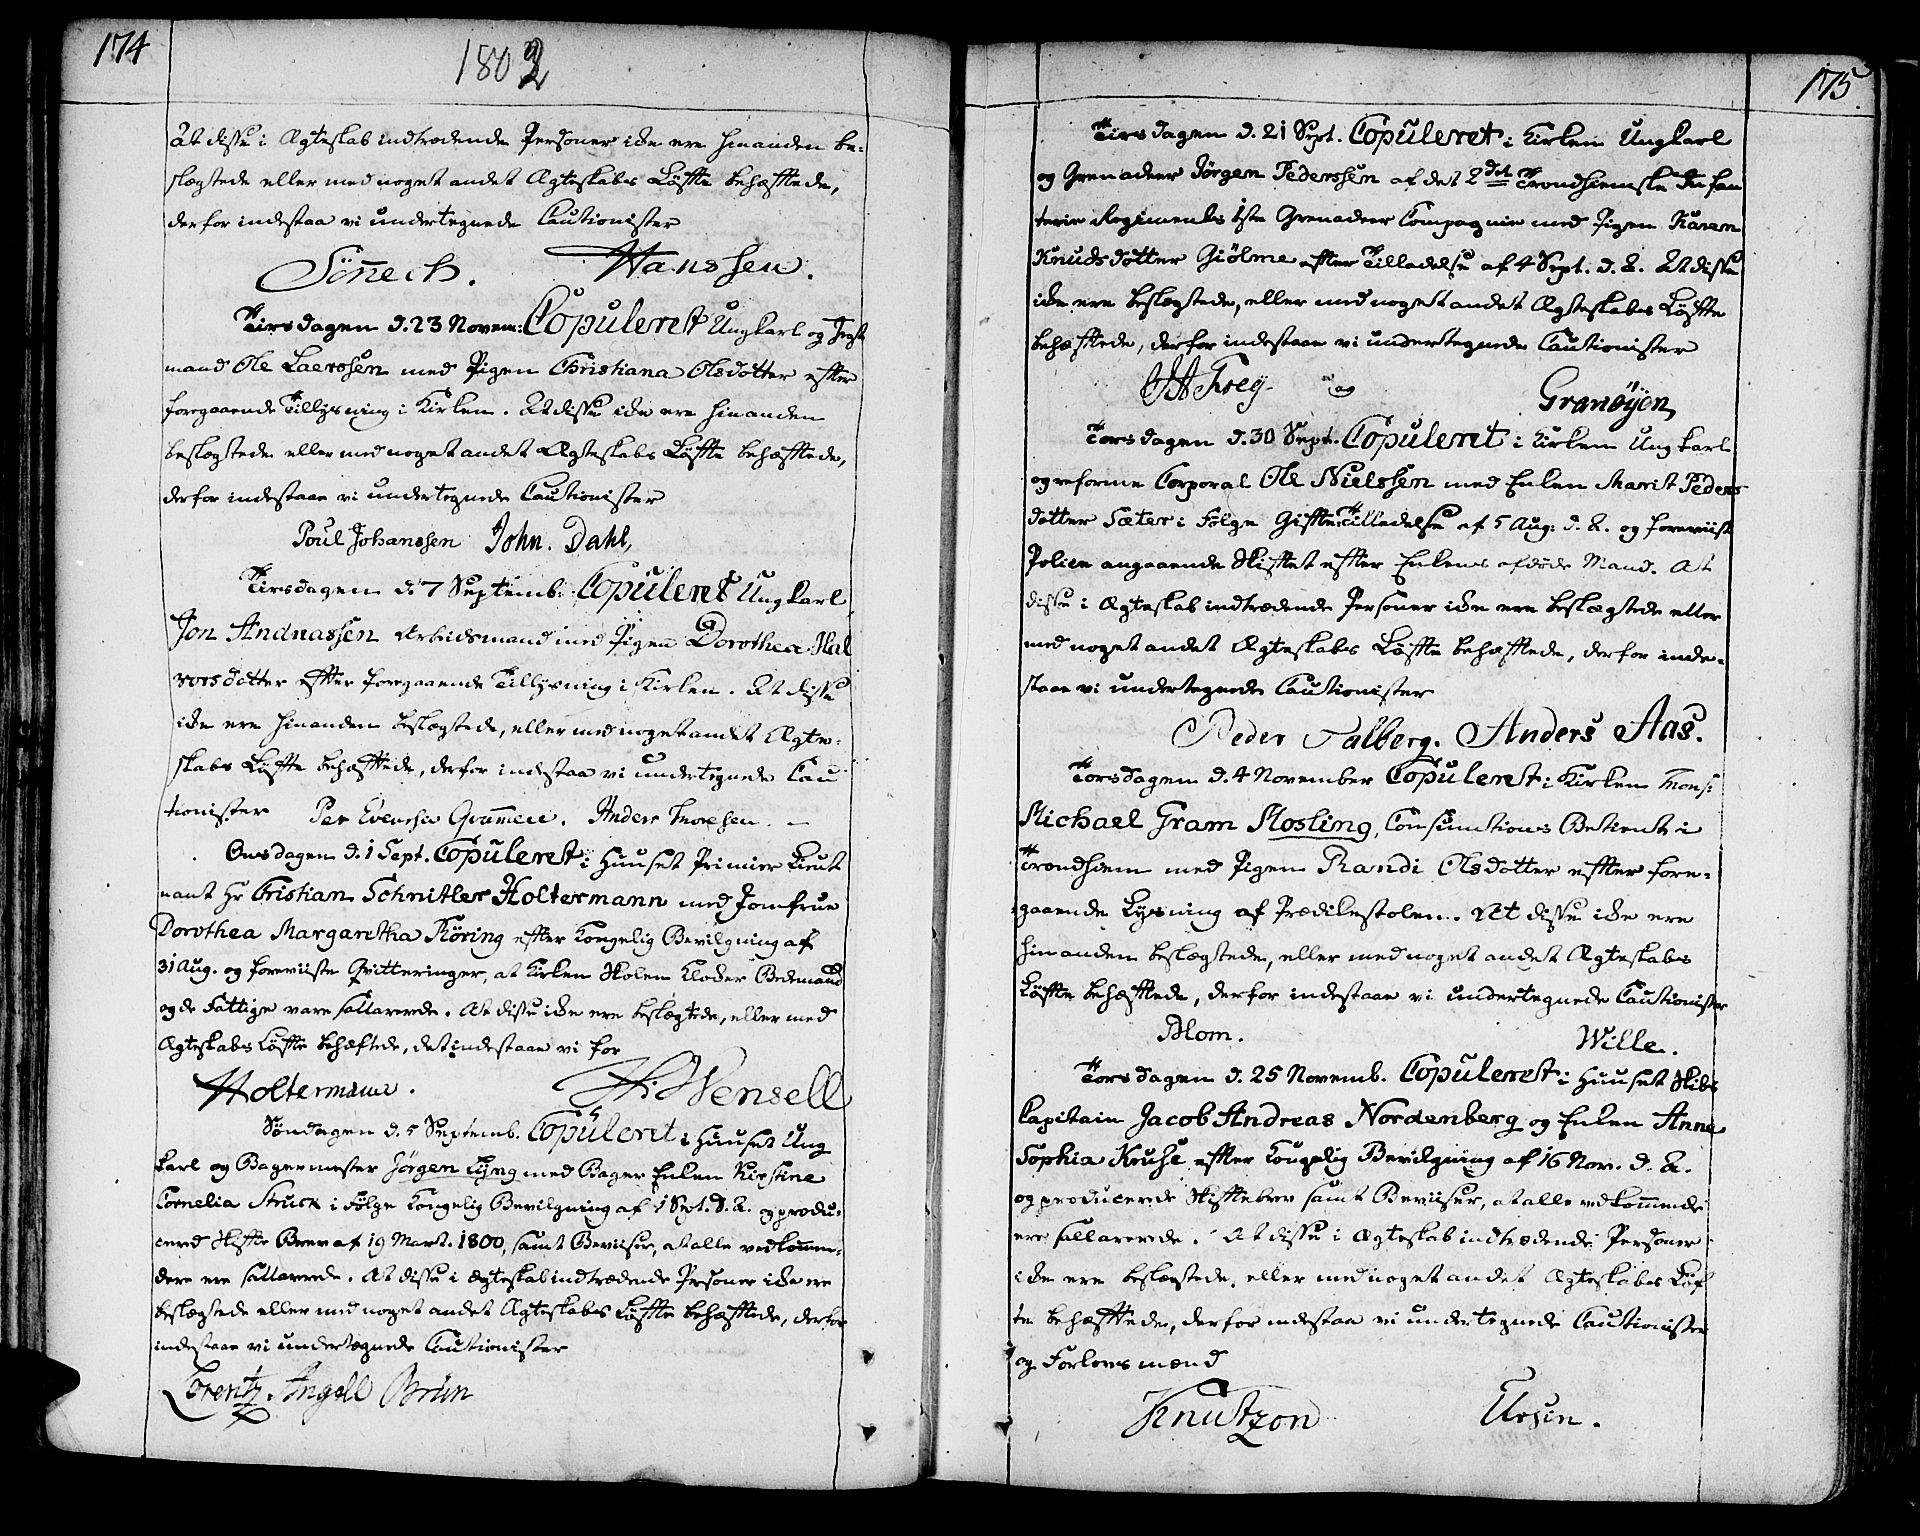 SAT, Ministerialprotokoller, klokkerbøker og fødselsregistre - Sør-Trøndelag, 602/L0105: Ministerialbok nr. 602A03, 1774-1814, s. 174-175